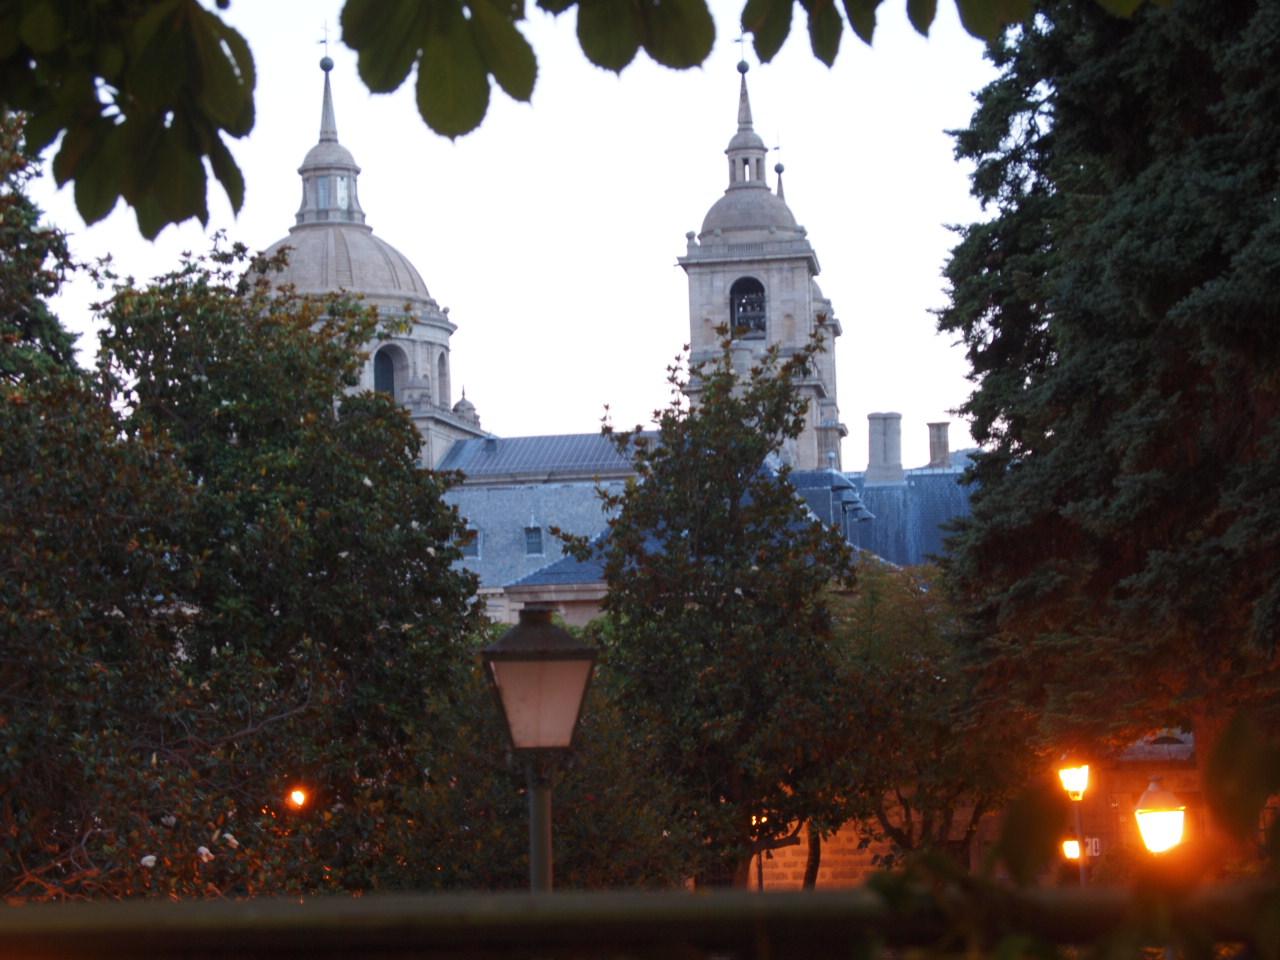 Dinner at El Escorial